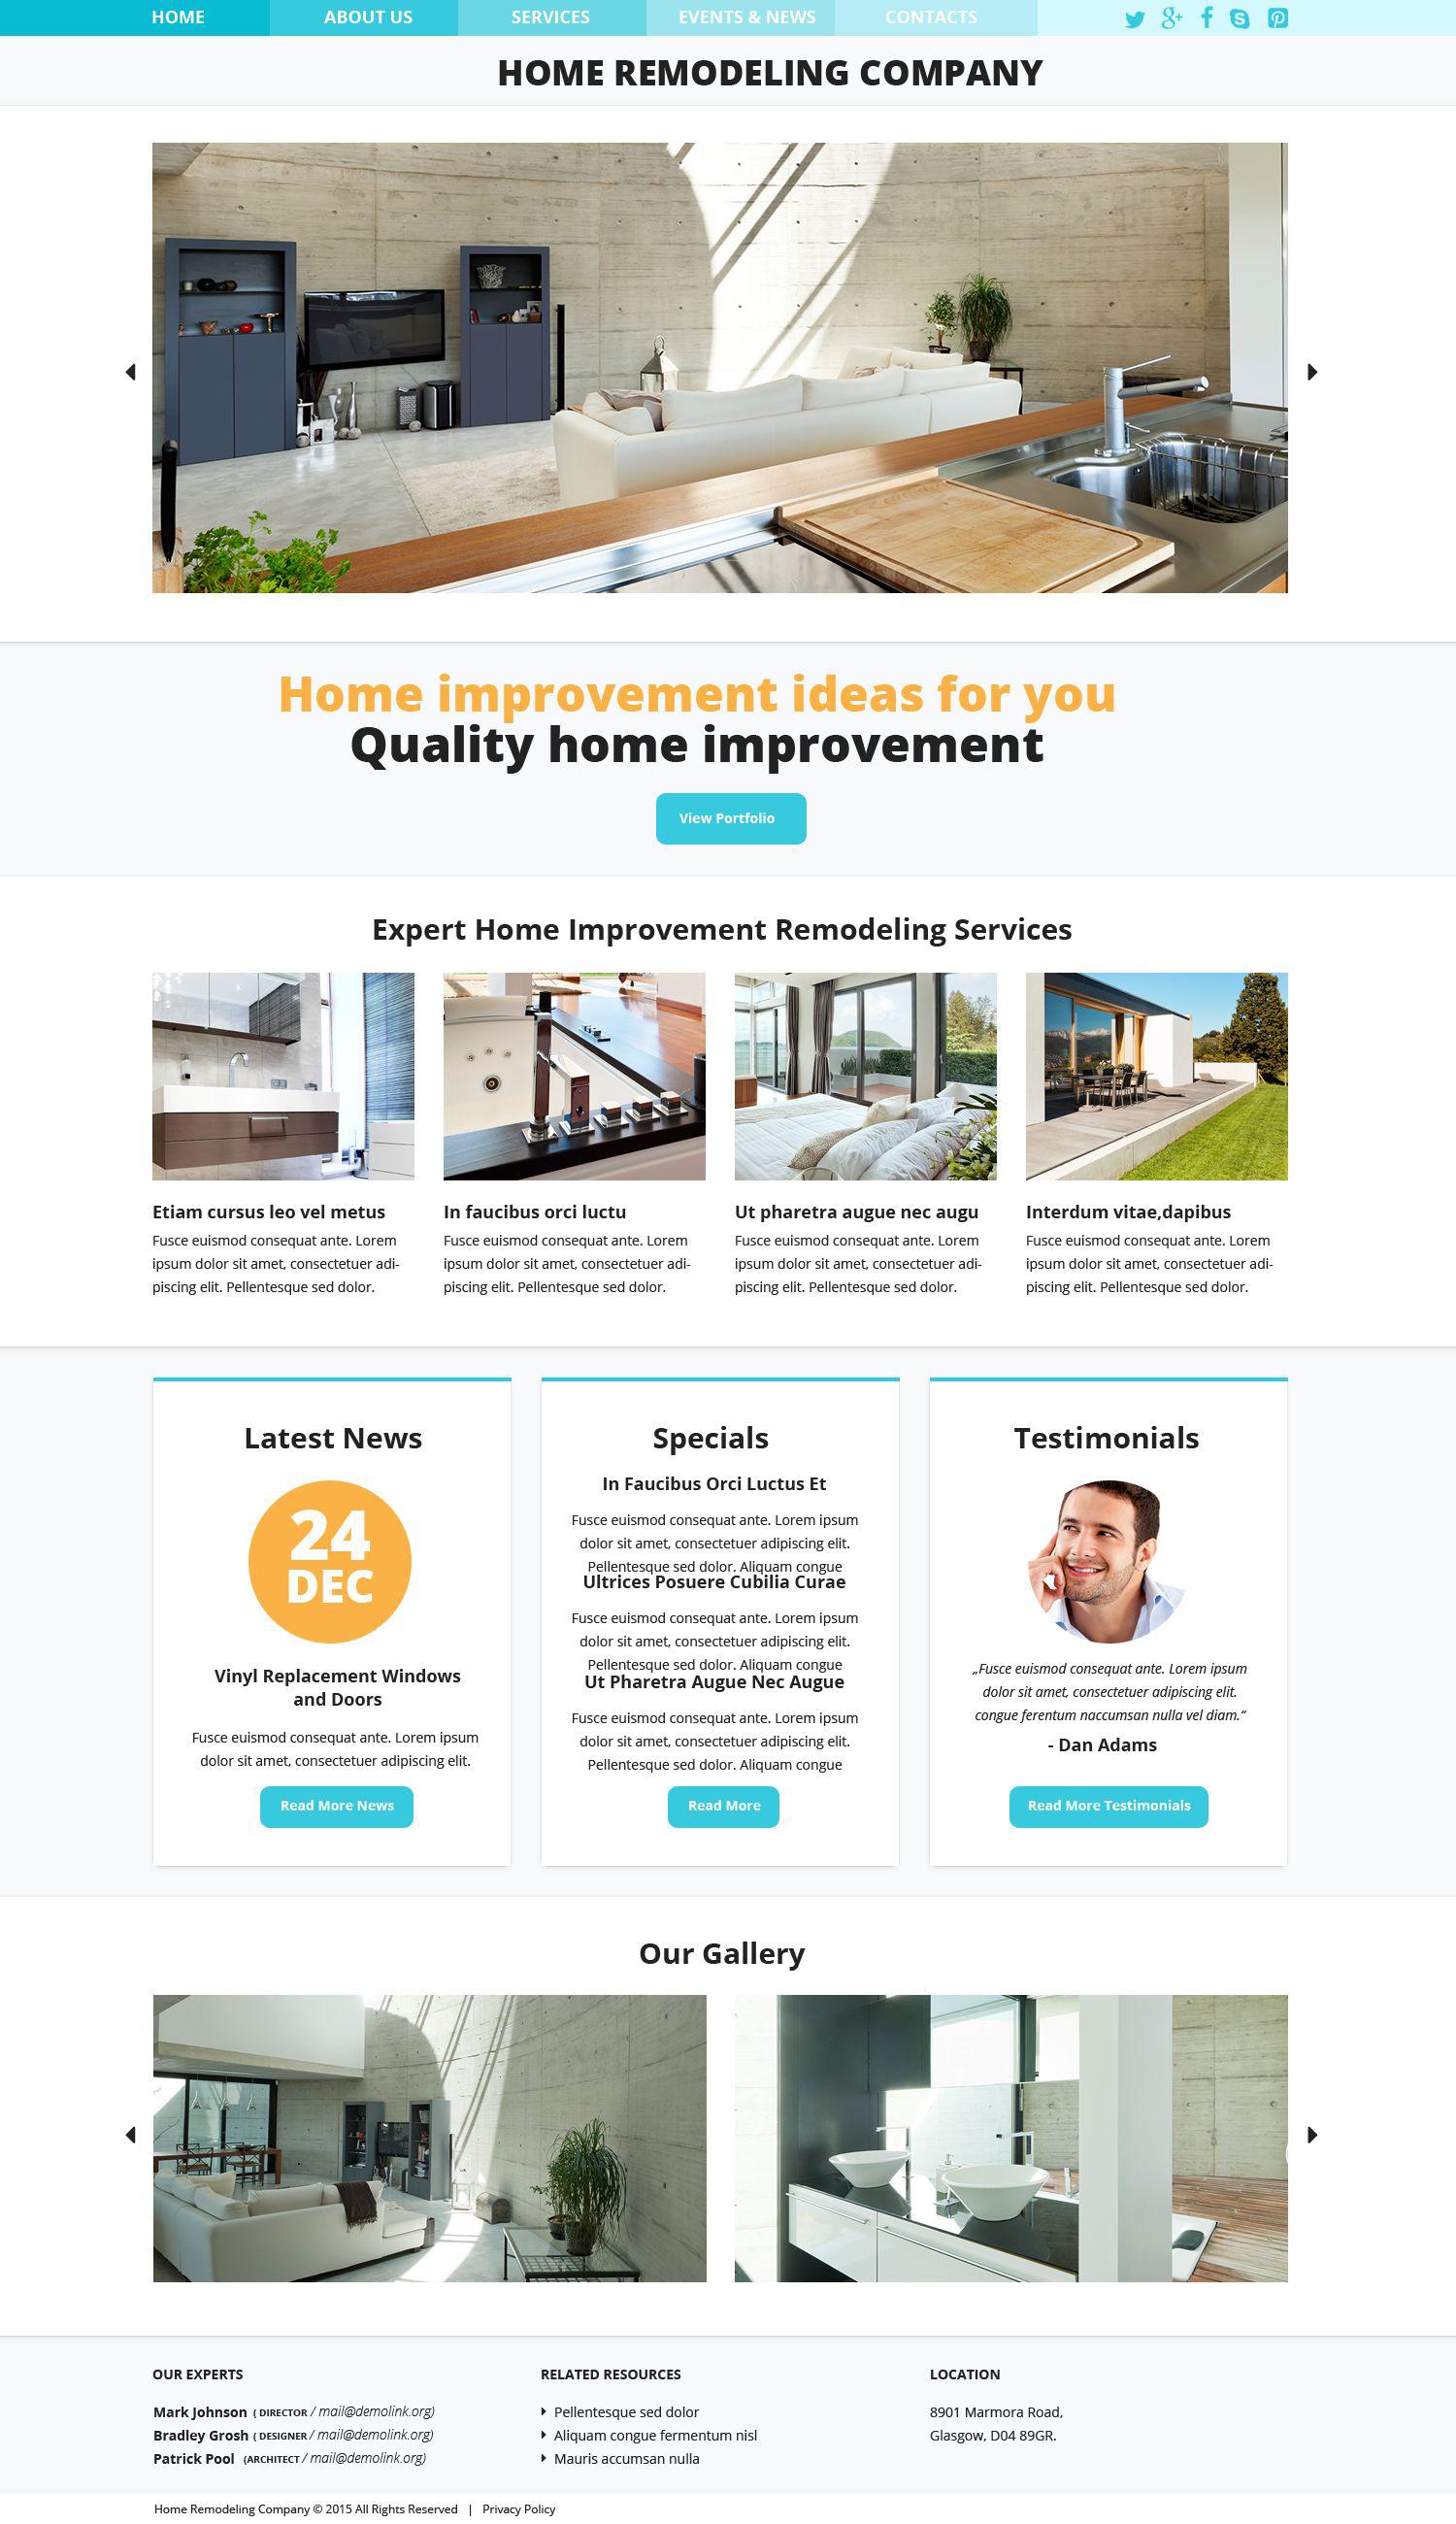 Modèle Web adaptatif pour site de remodelage de la maison #52847 - screenshot